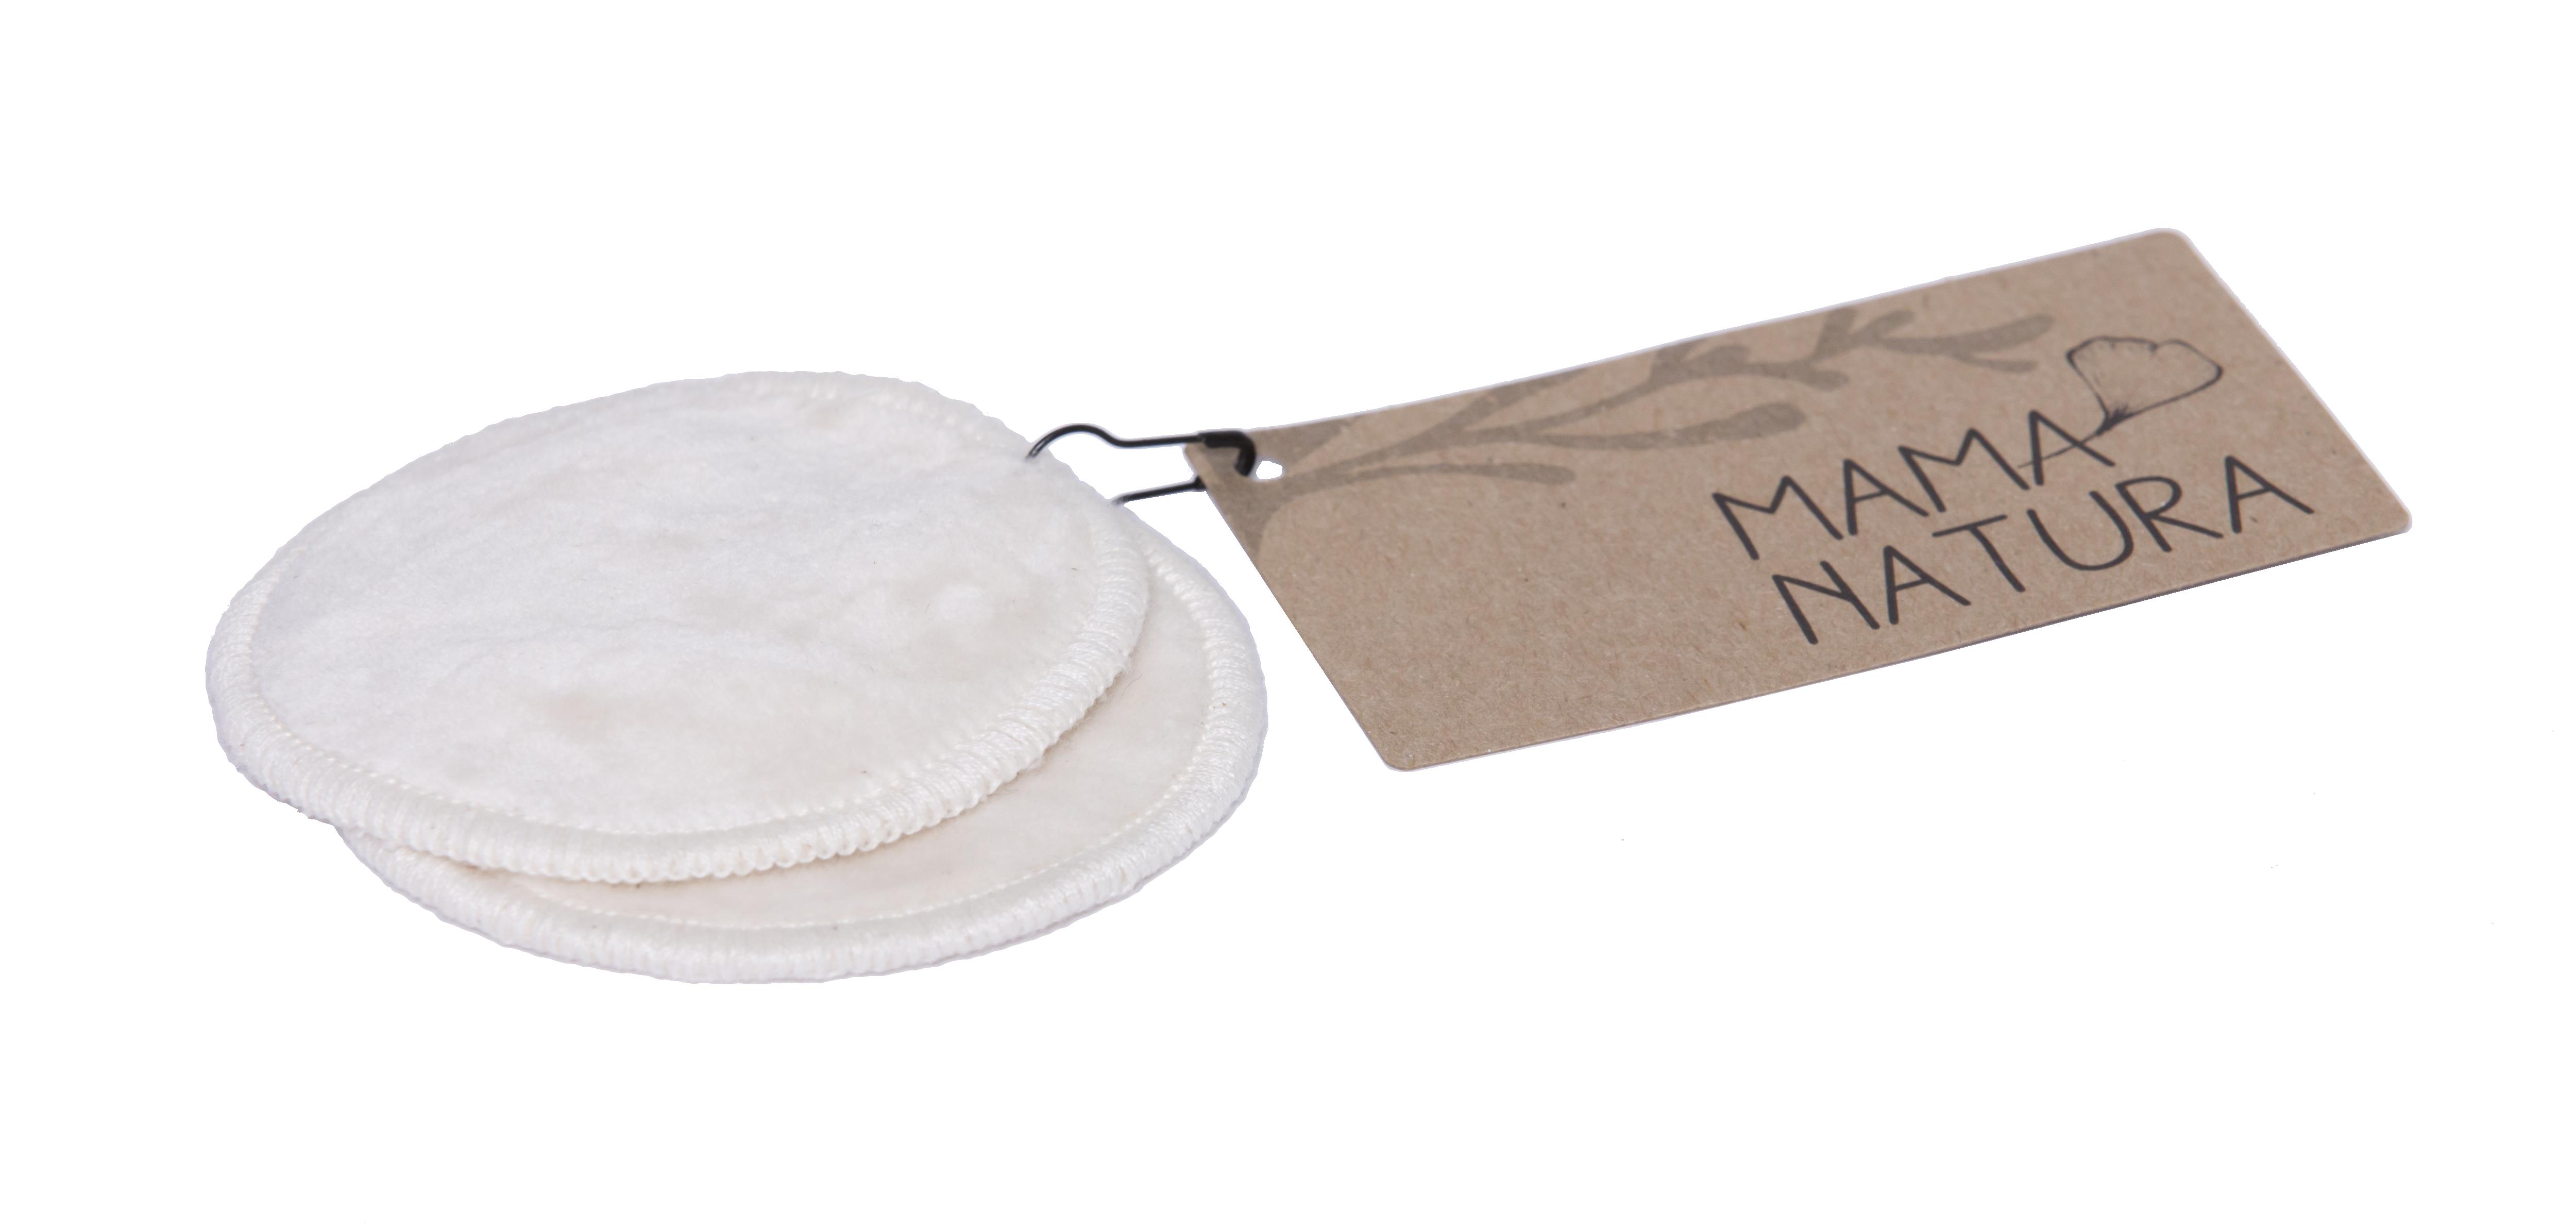 Tampón kozmetický zamat – malý (7 cm) 2 ks